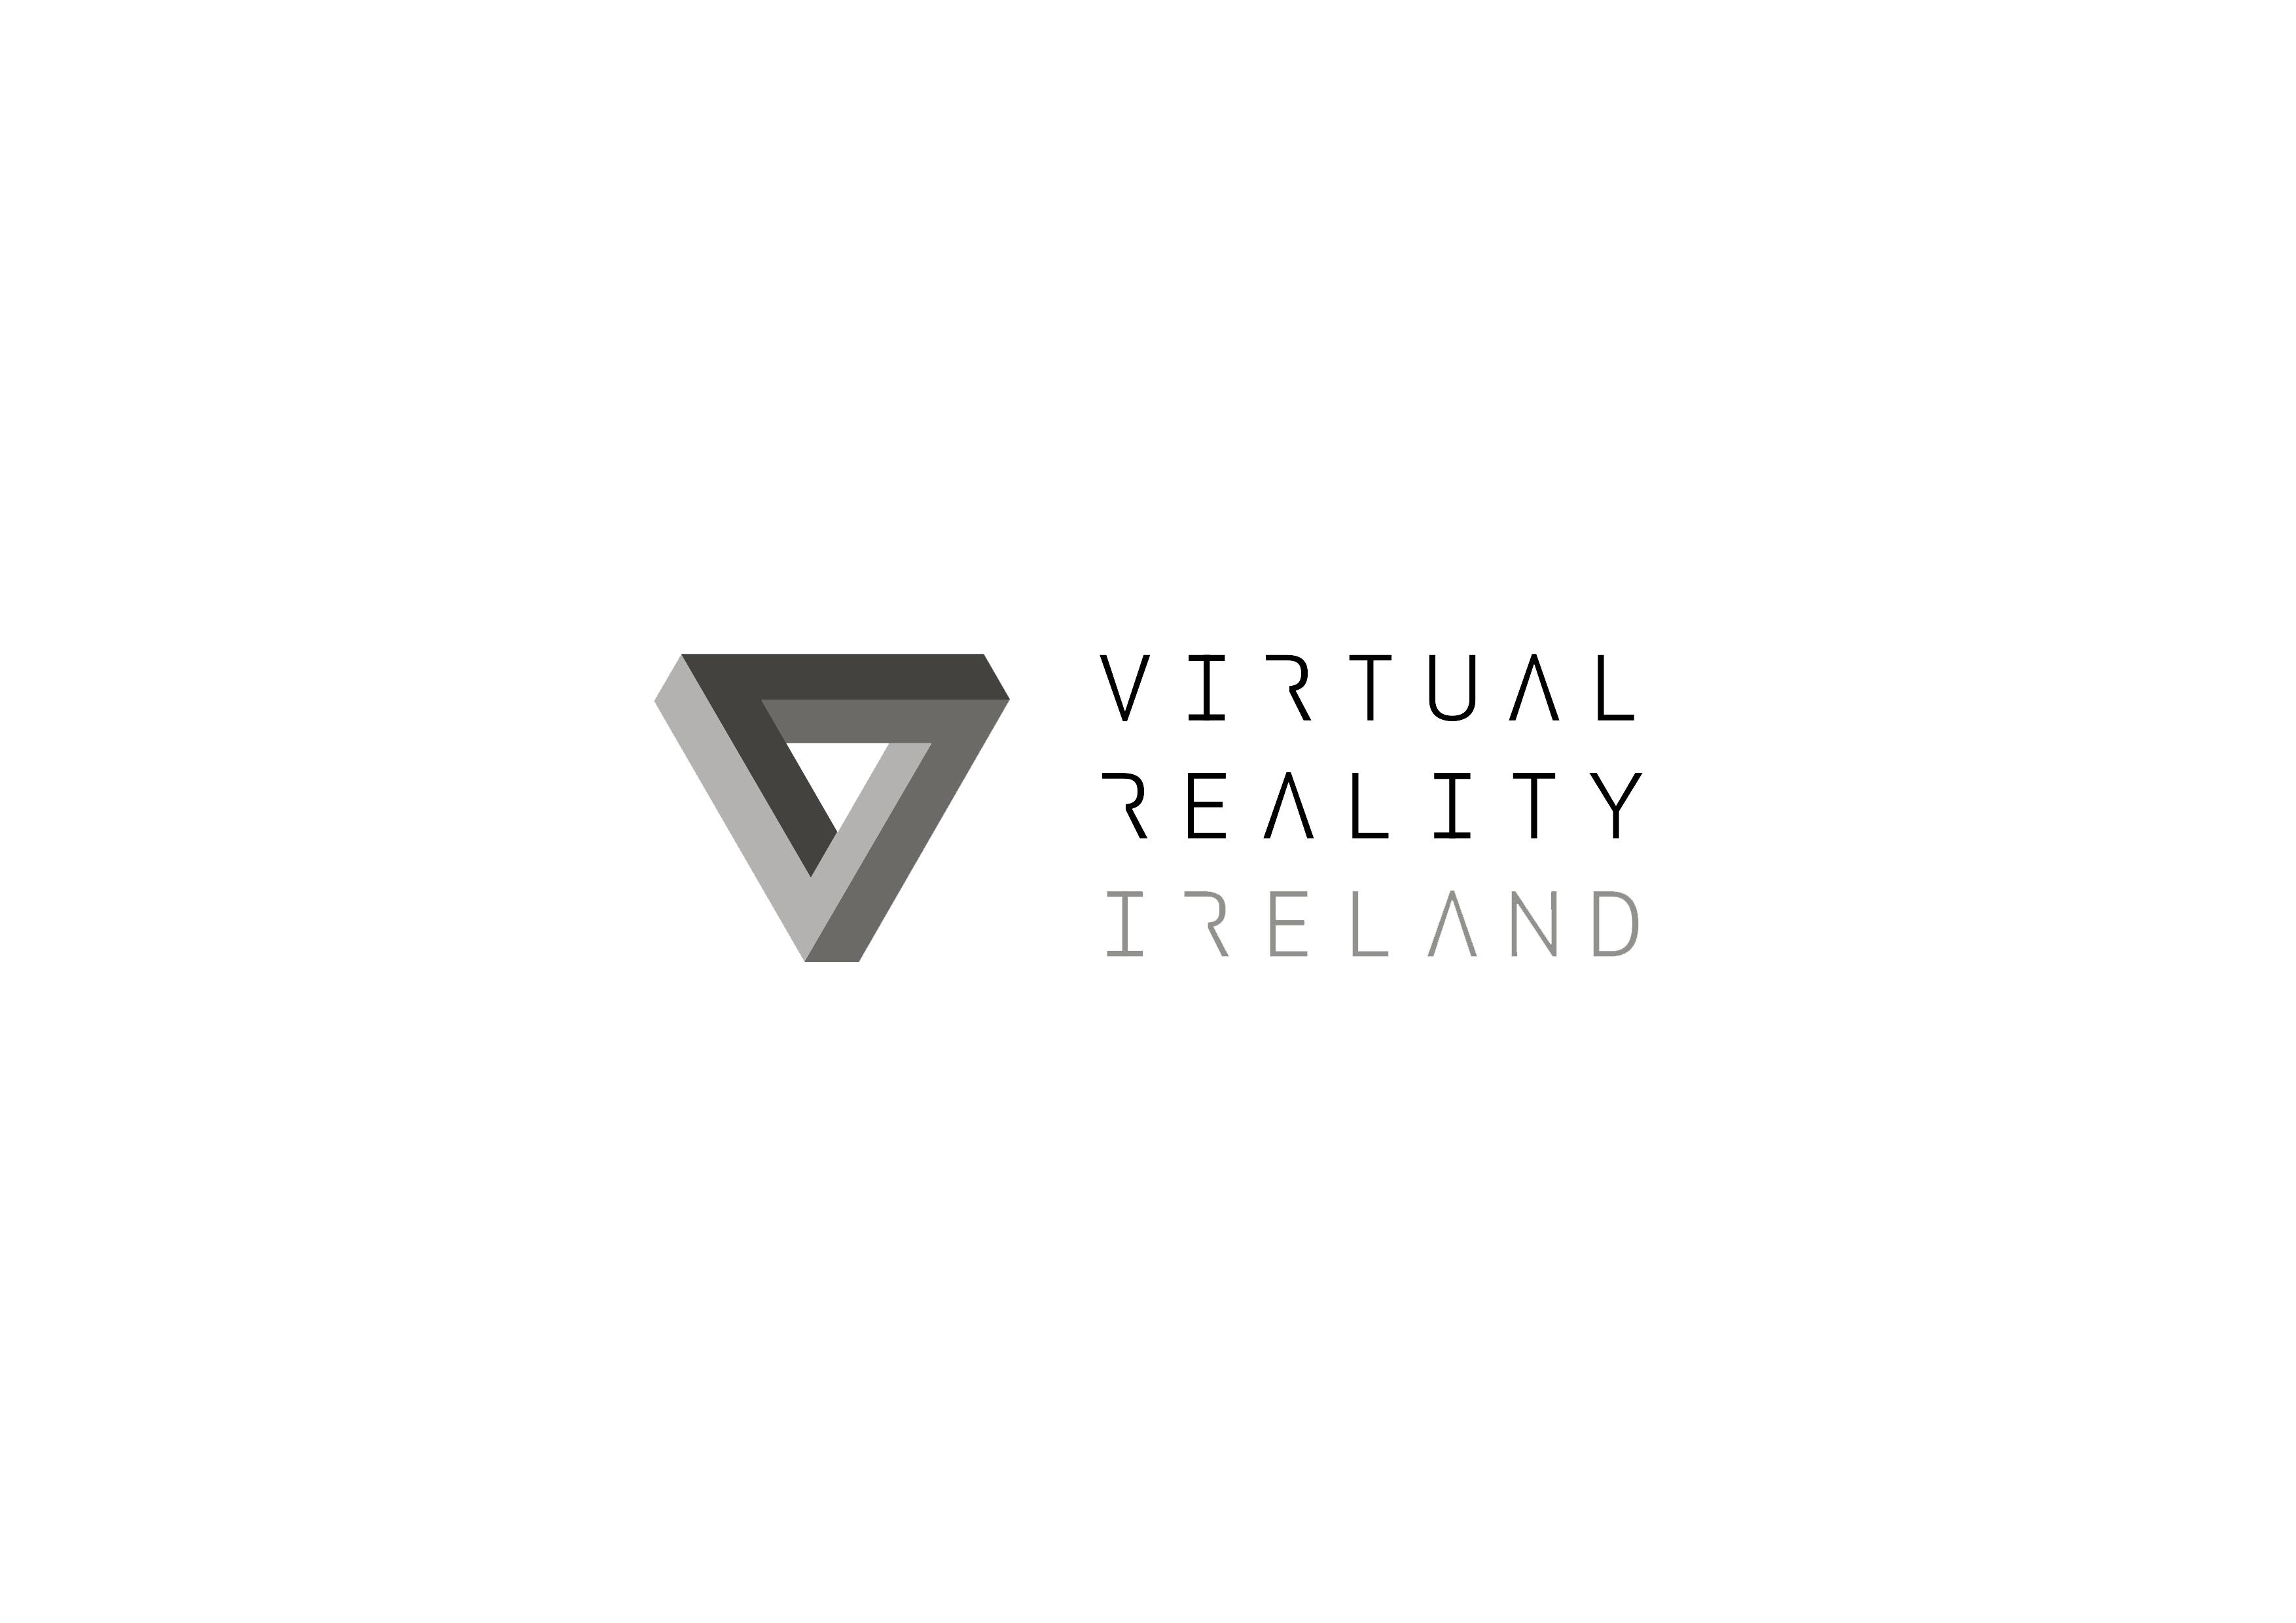 Virtual Reality Ireland Media Limited